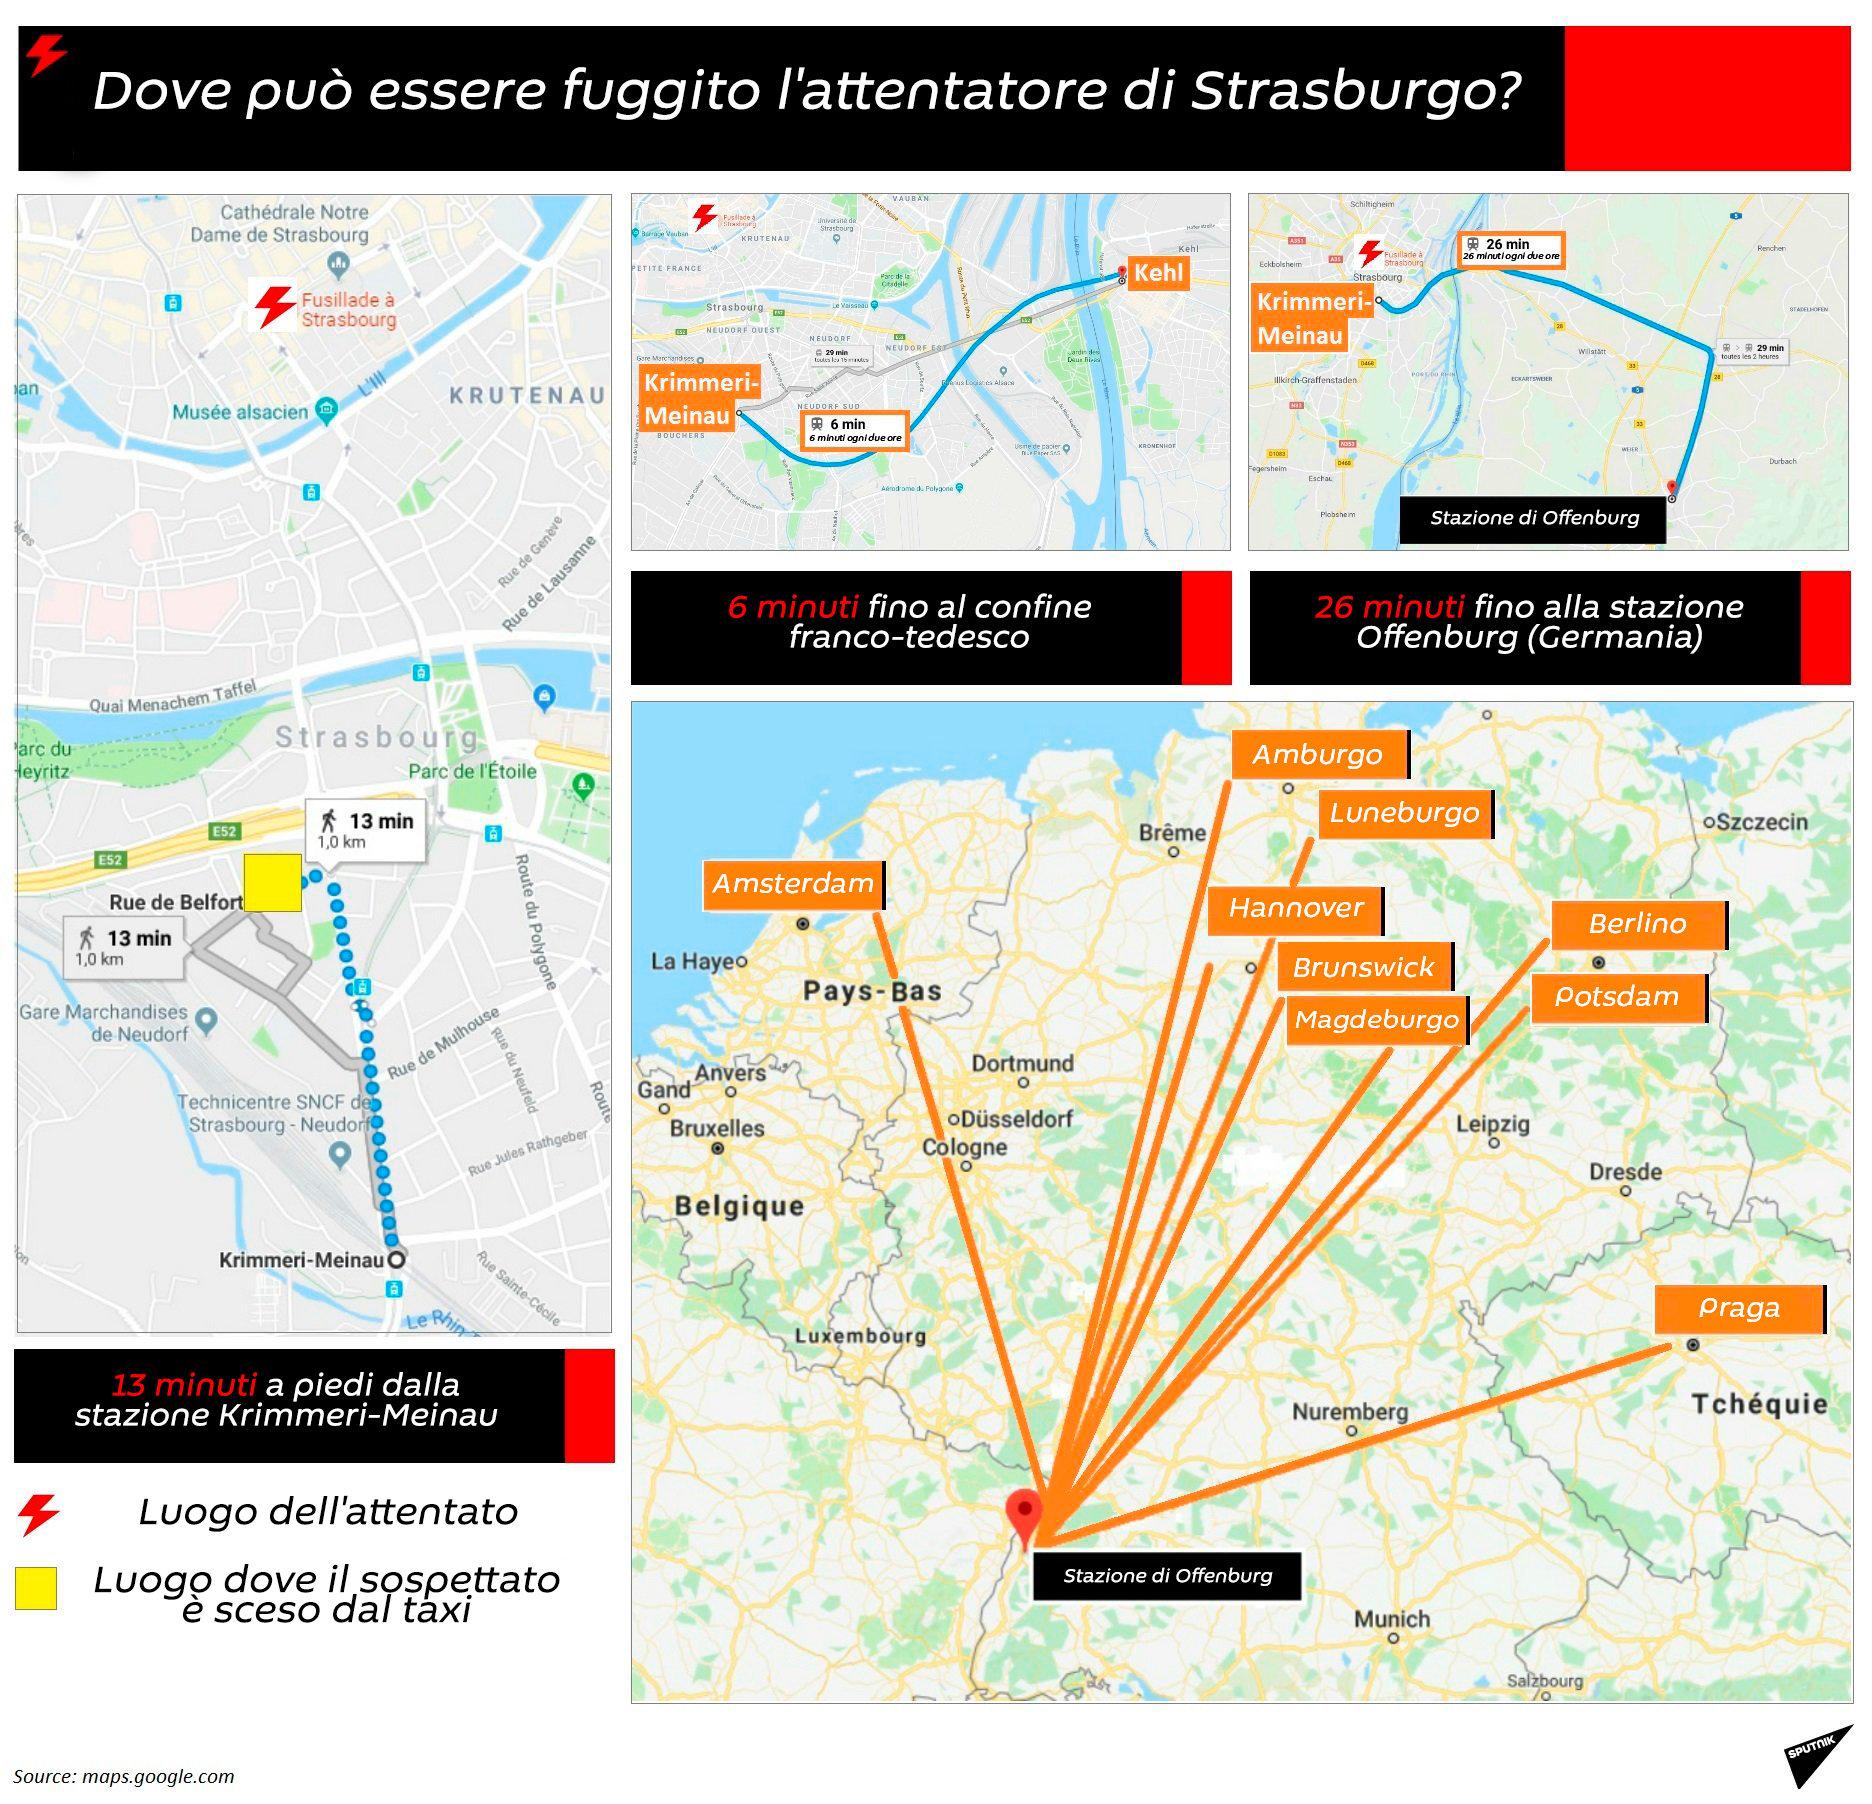 Dove può essere fuggito l'attentatore di Strasburgo? - Sputnik Italia